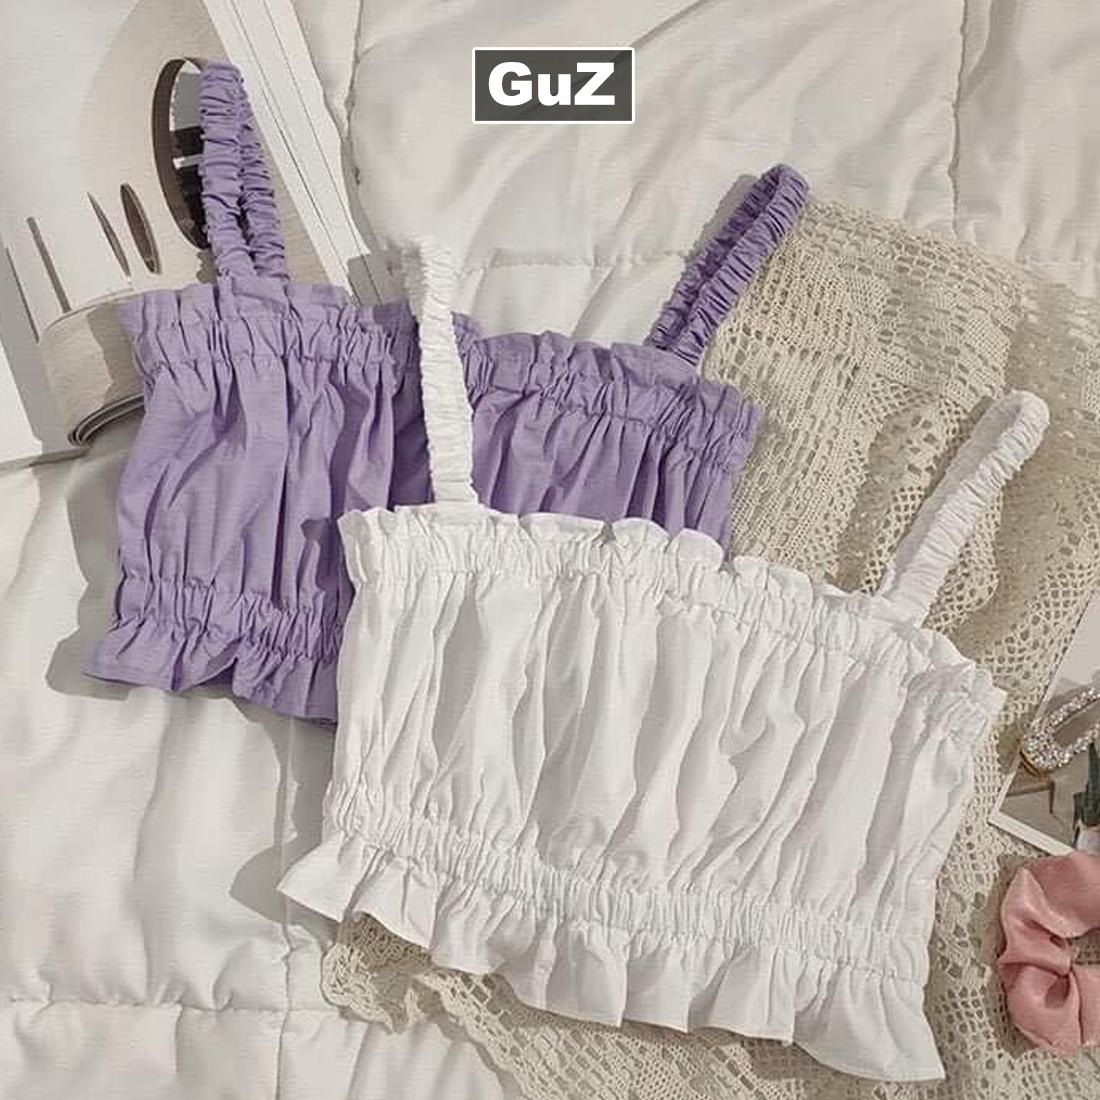 Áo croptop 2 dây đũi chun ngực dáng ôm body tmàu trắng tím guzfashion